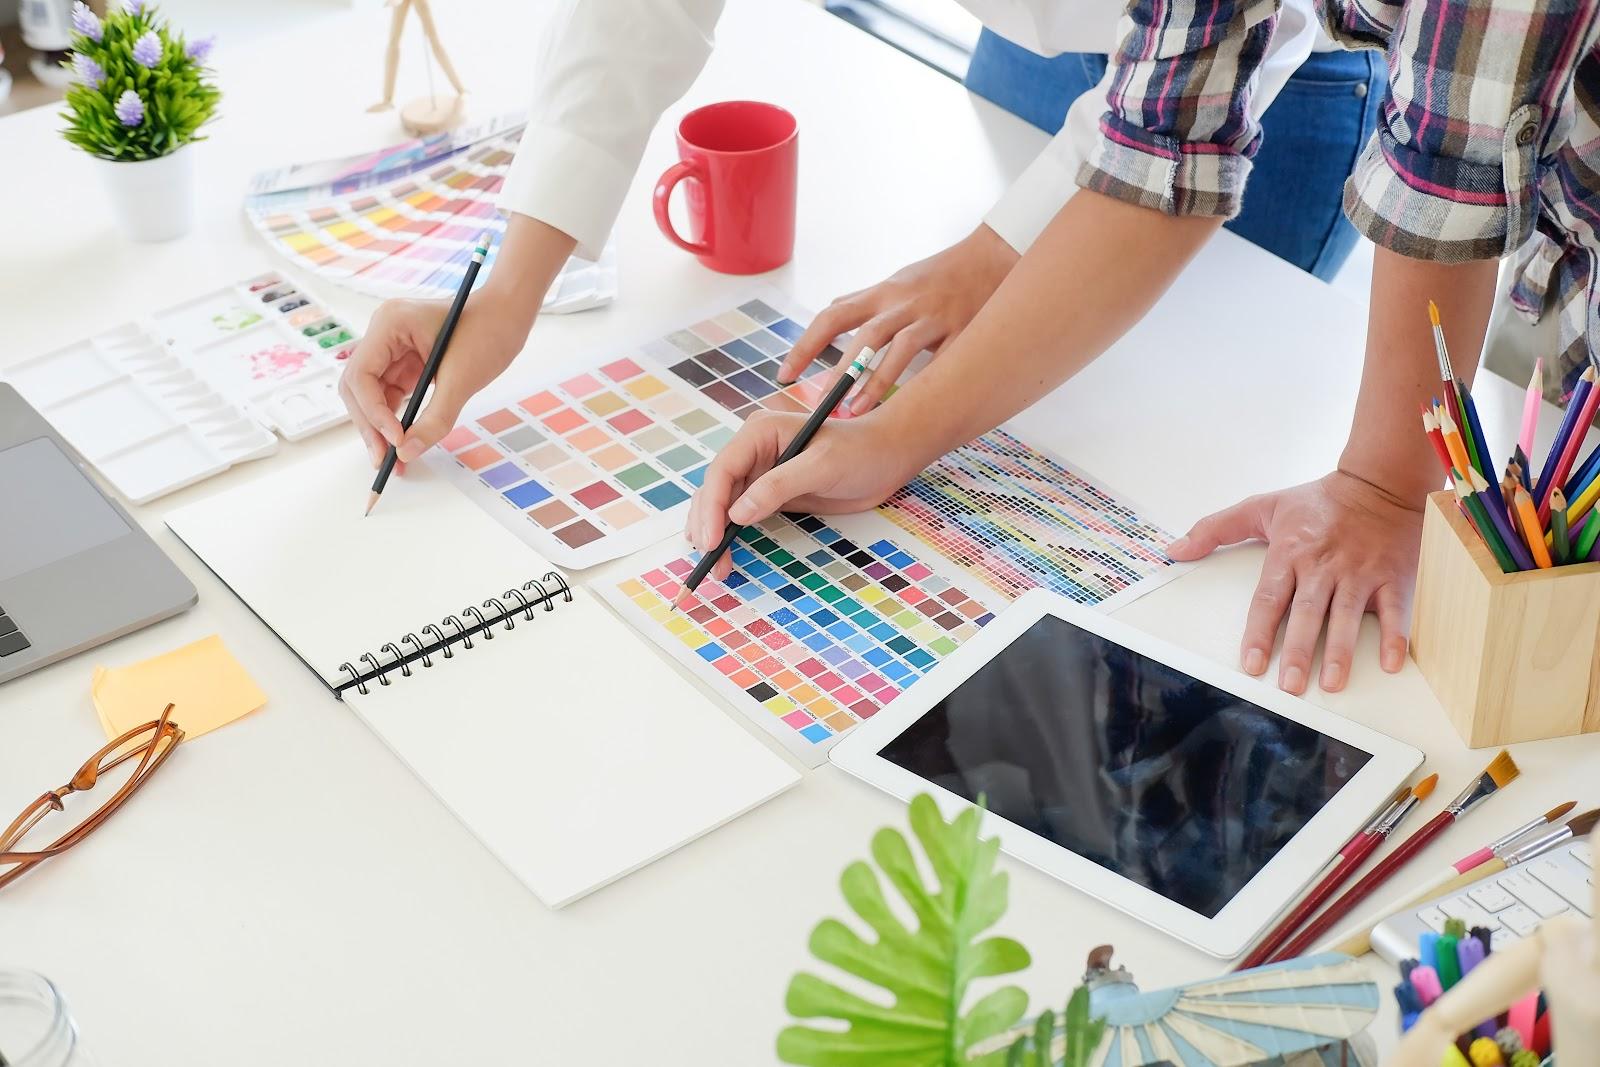 Designer hands and color palettes